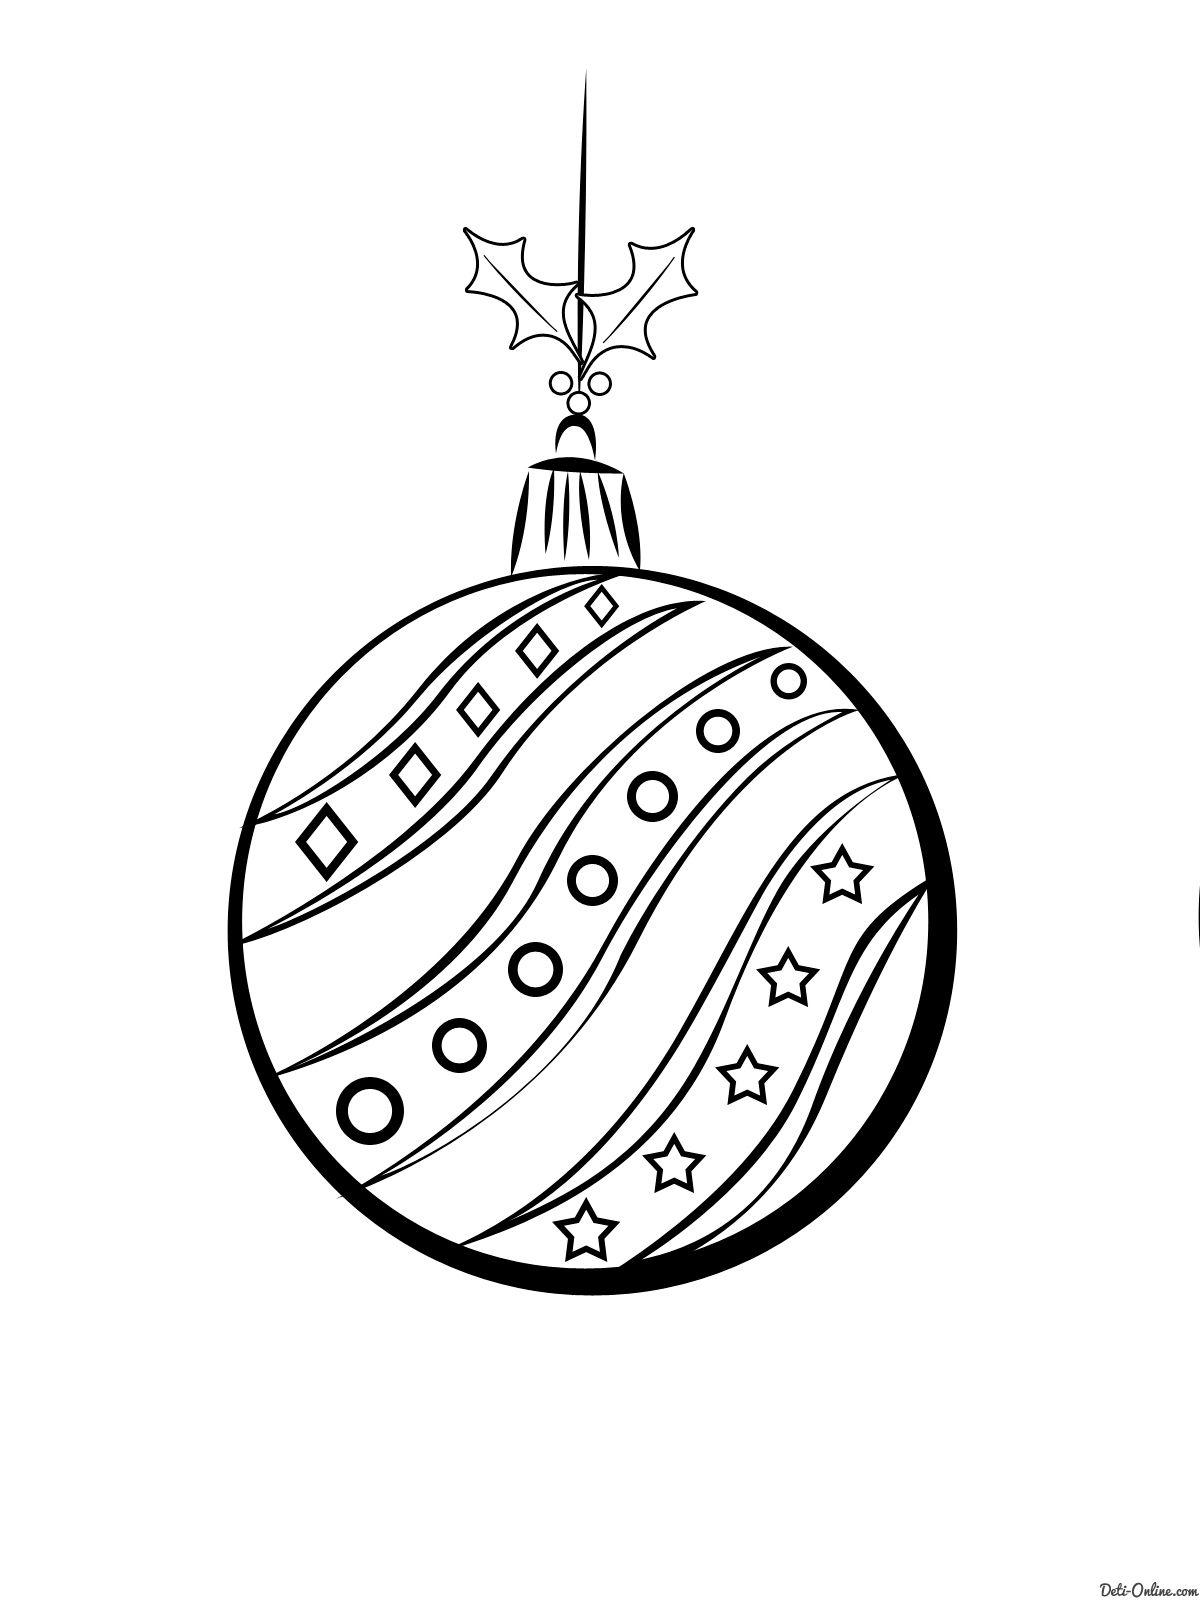 новогодние шары раскраска - Поиск в Google ...